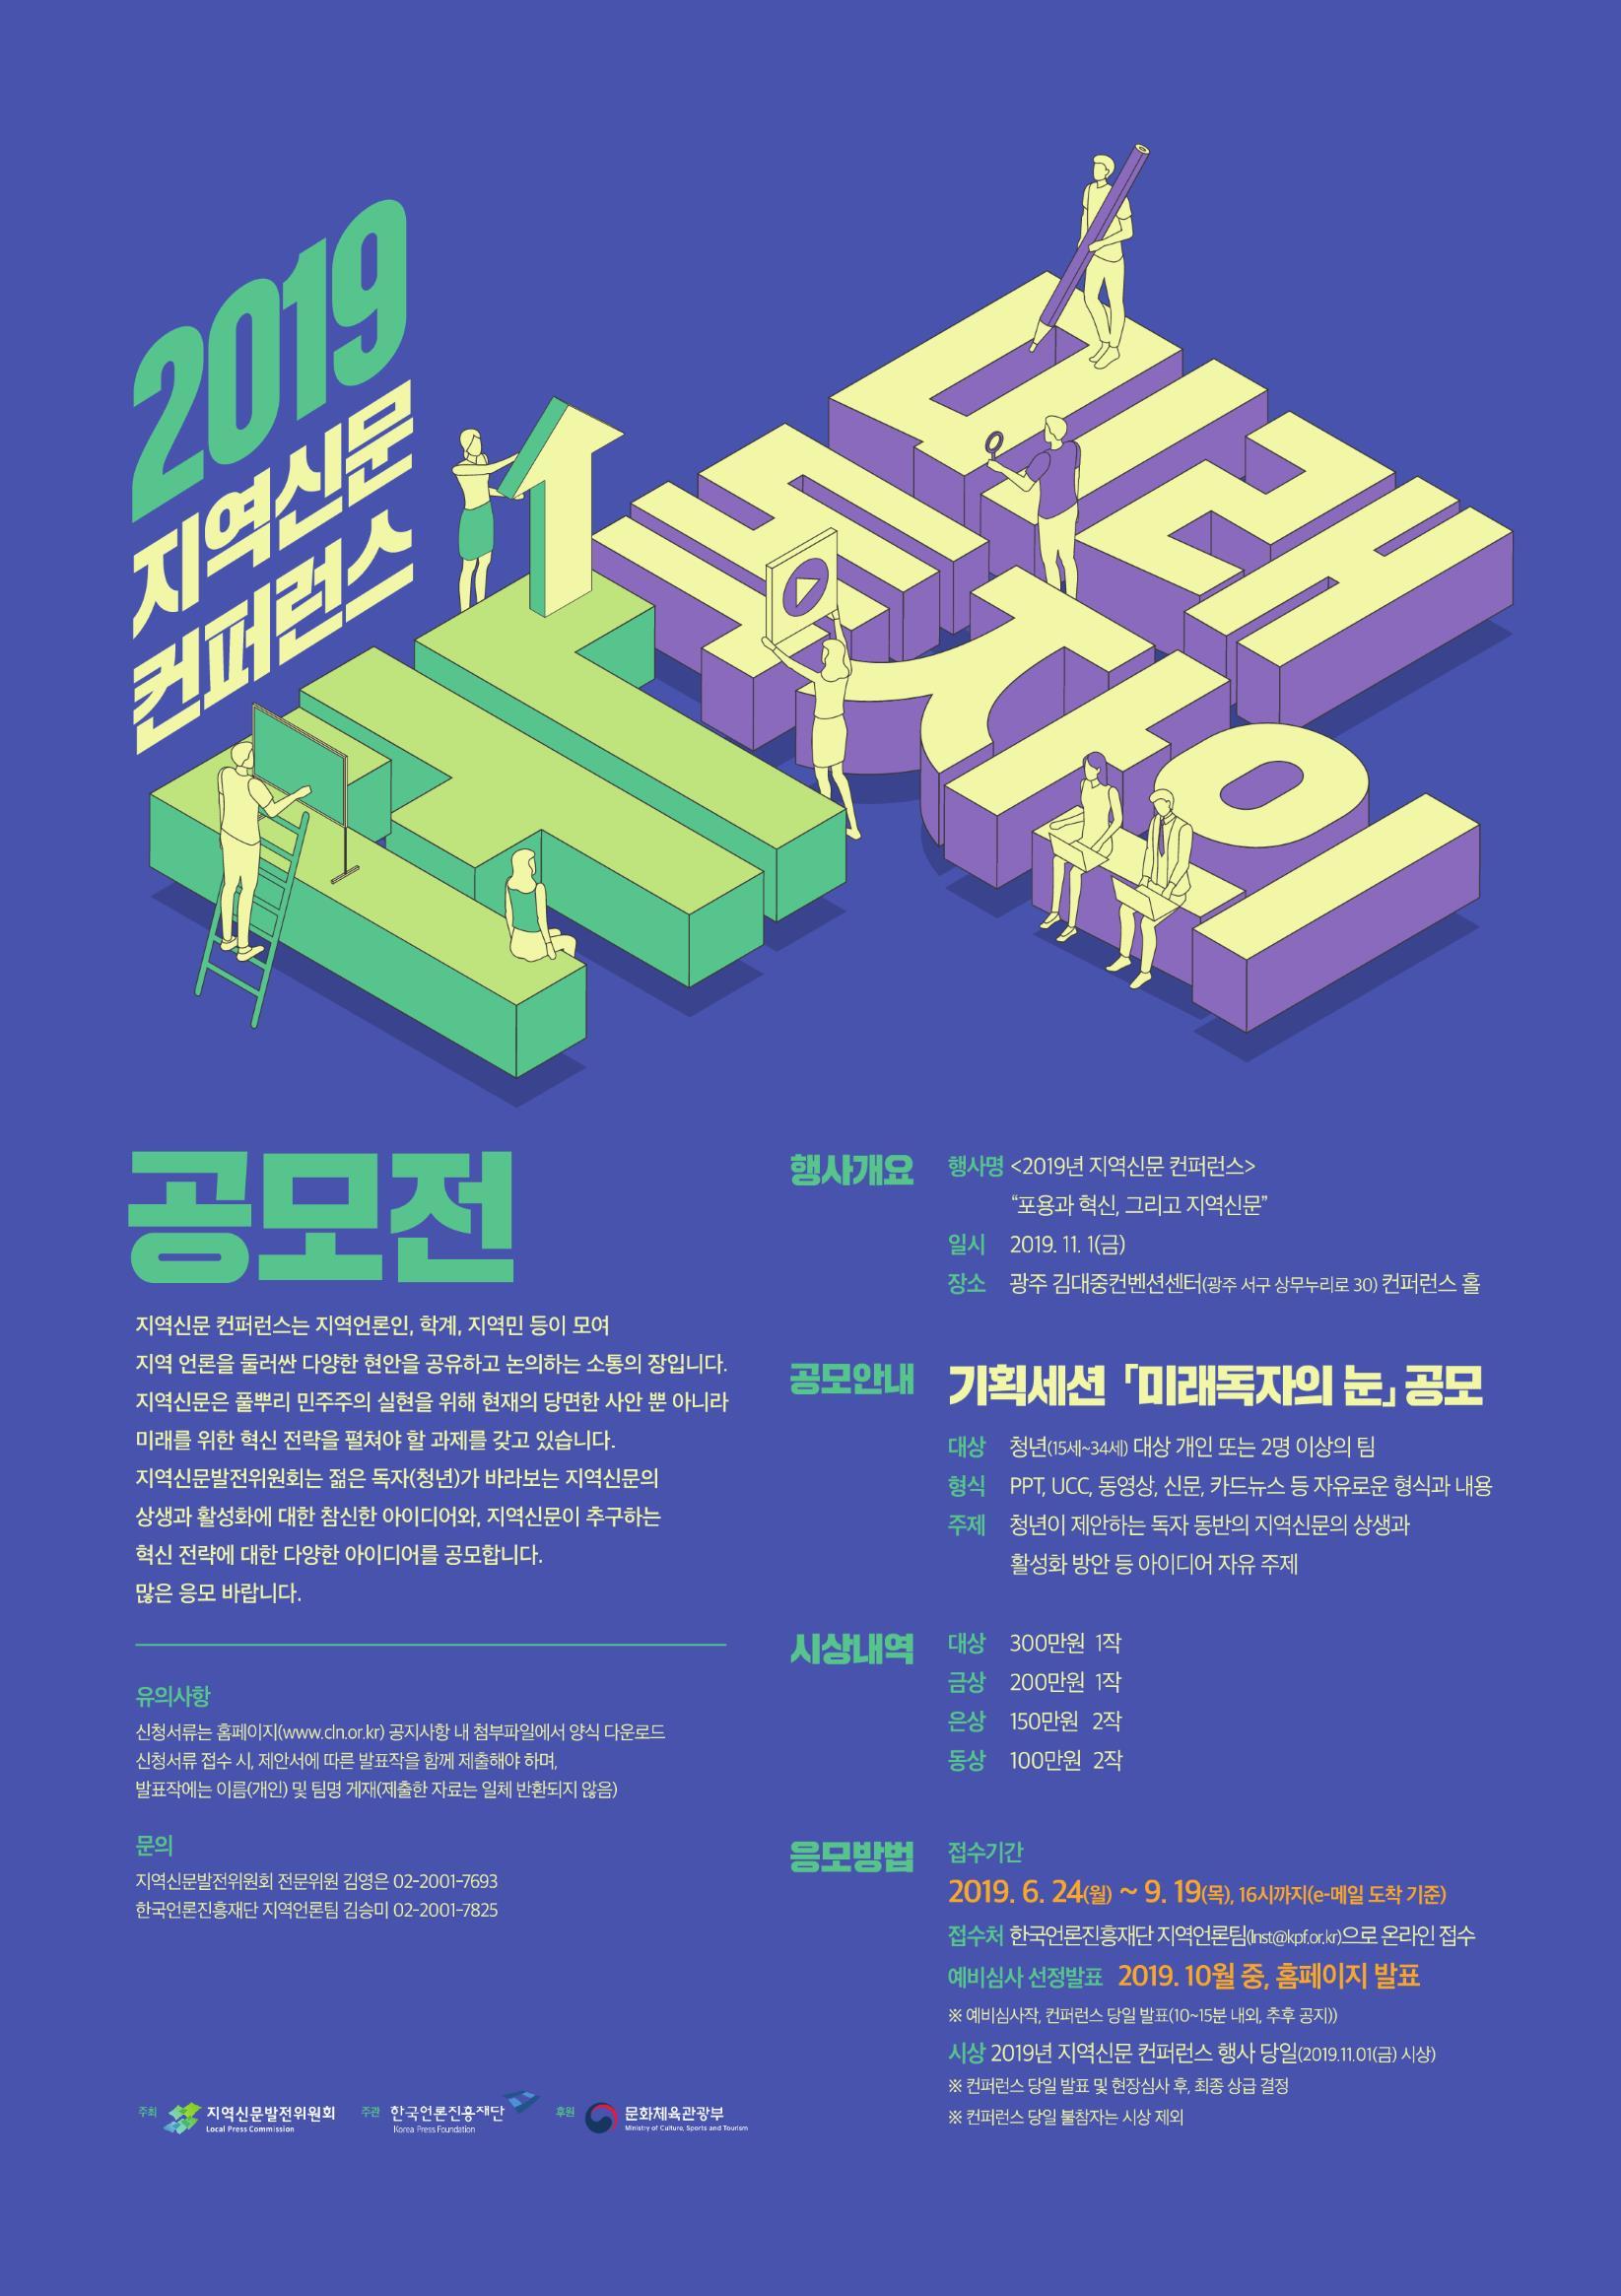 2019 지역신문 공모전 포스터